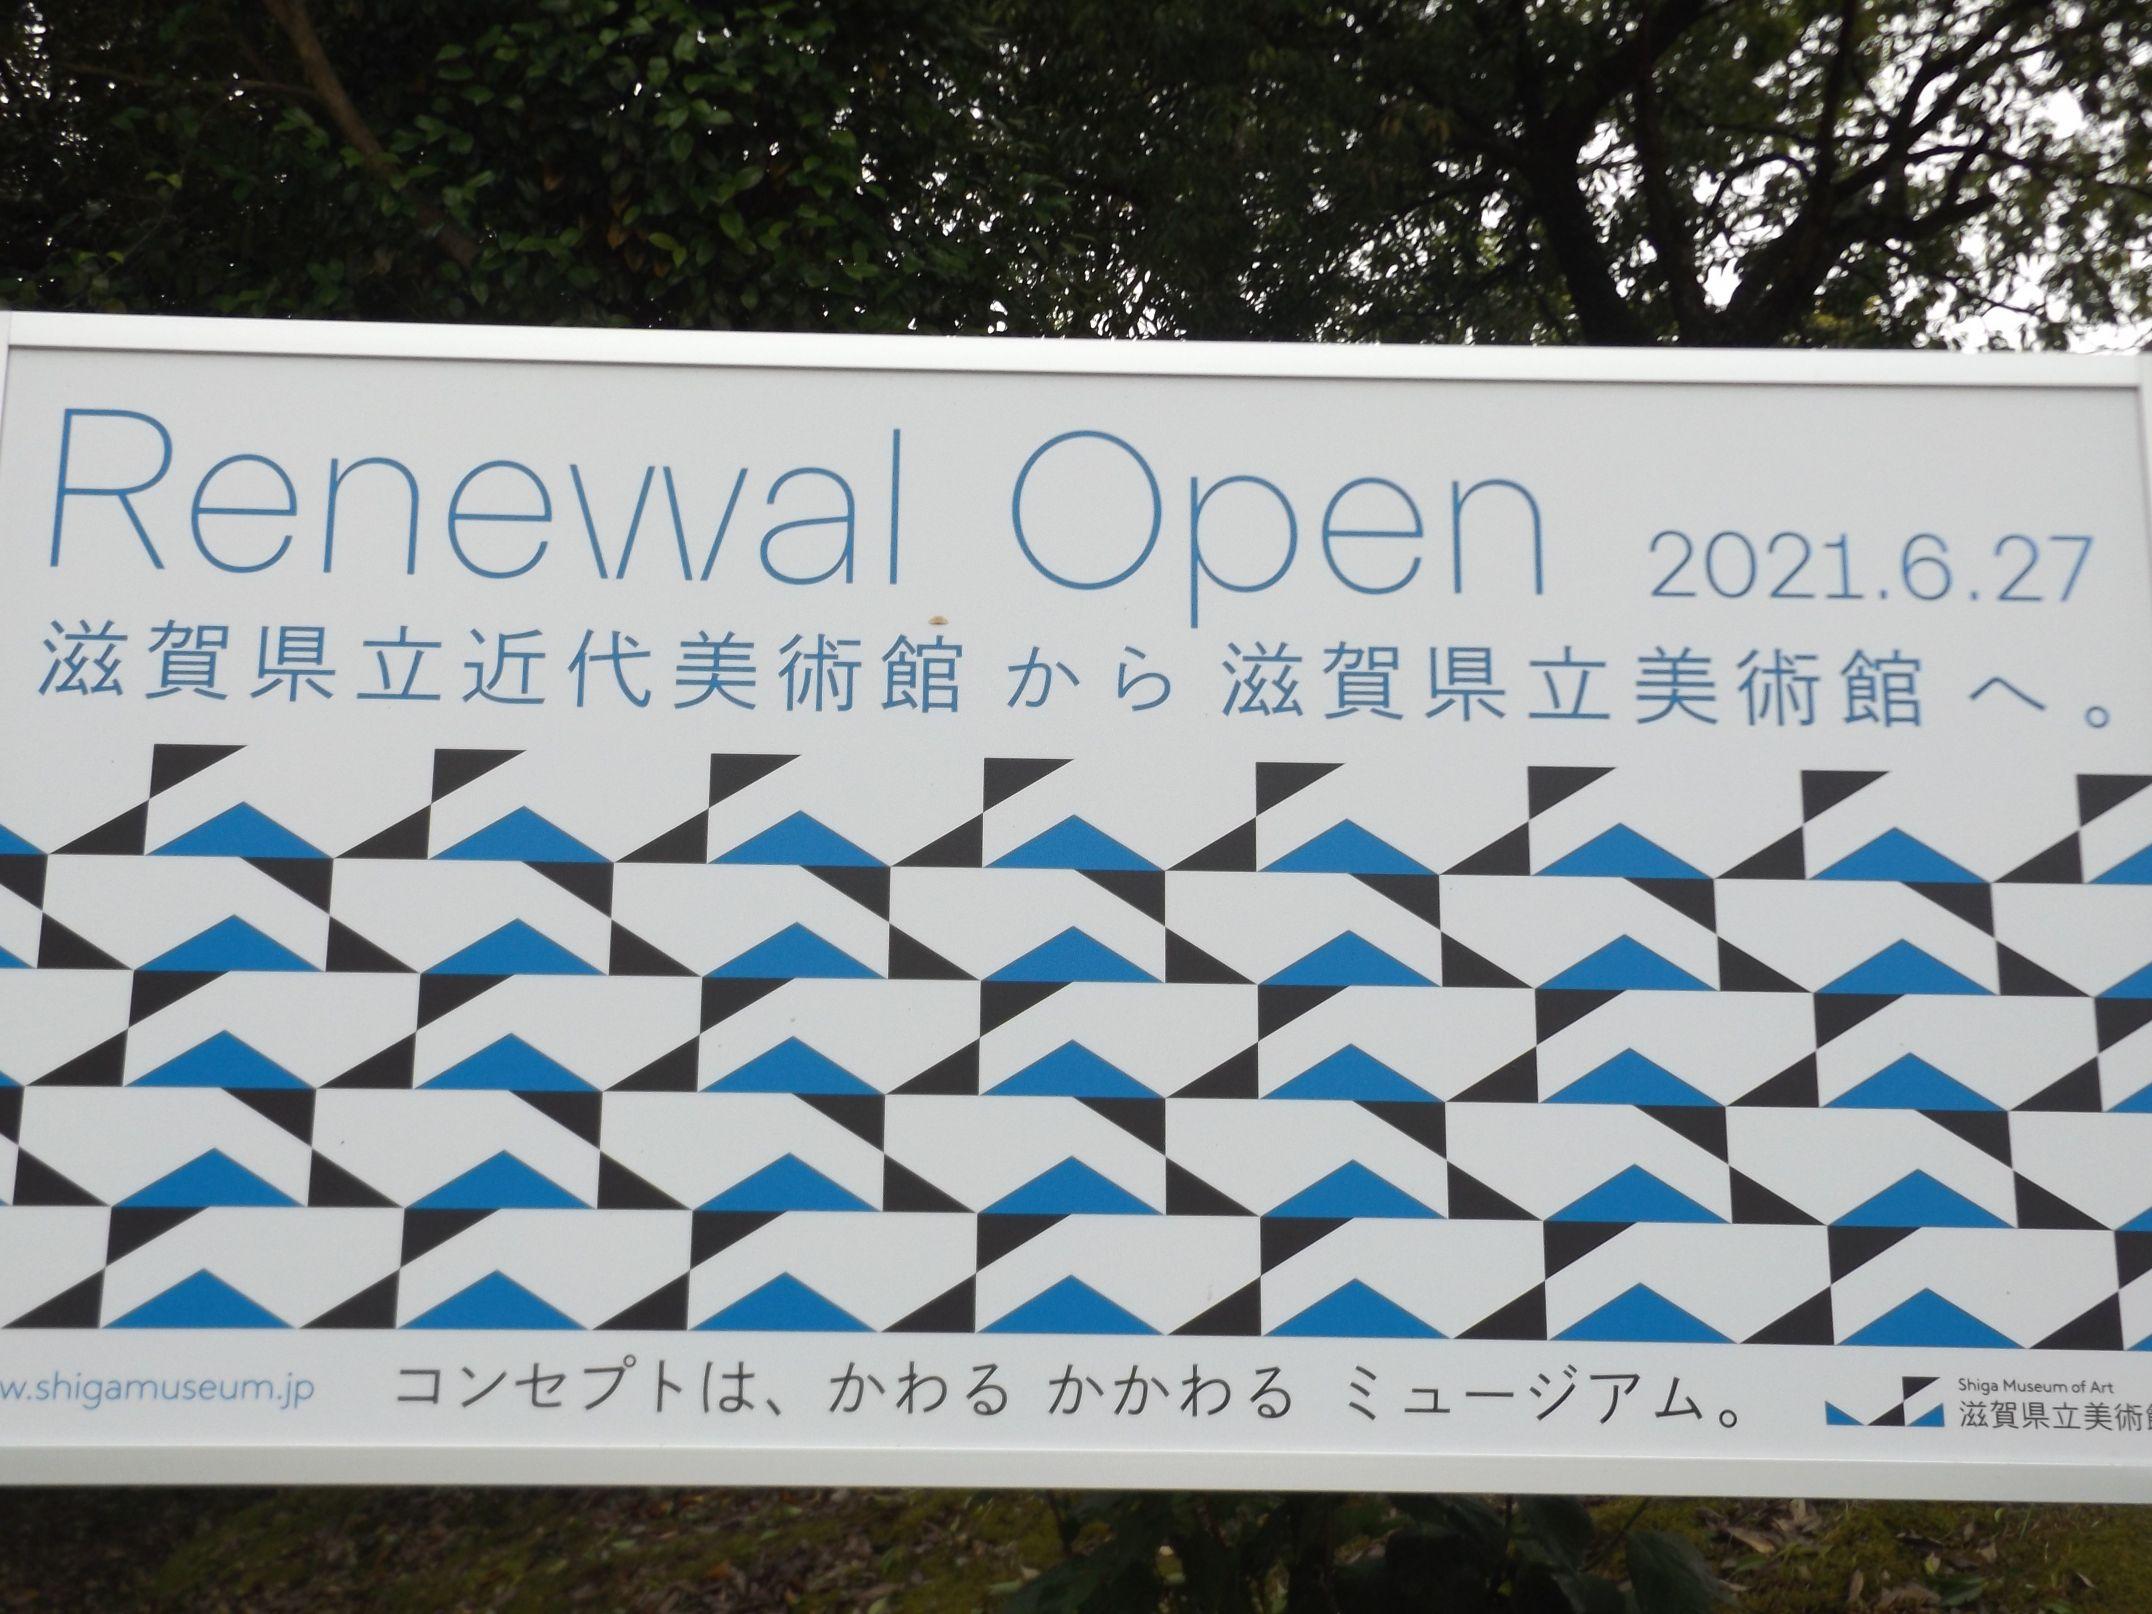 【6/27リニューアルオープン】滋賀県立美術館はどこが変わったの?行って調べてきました!